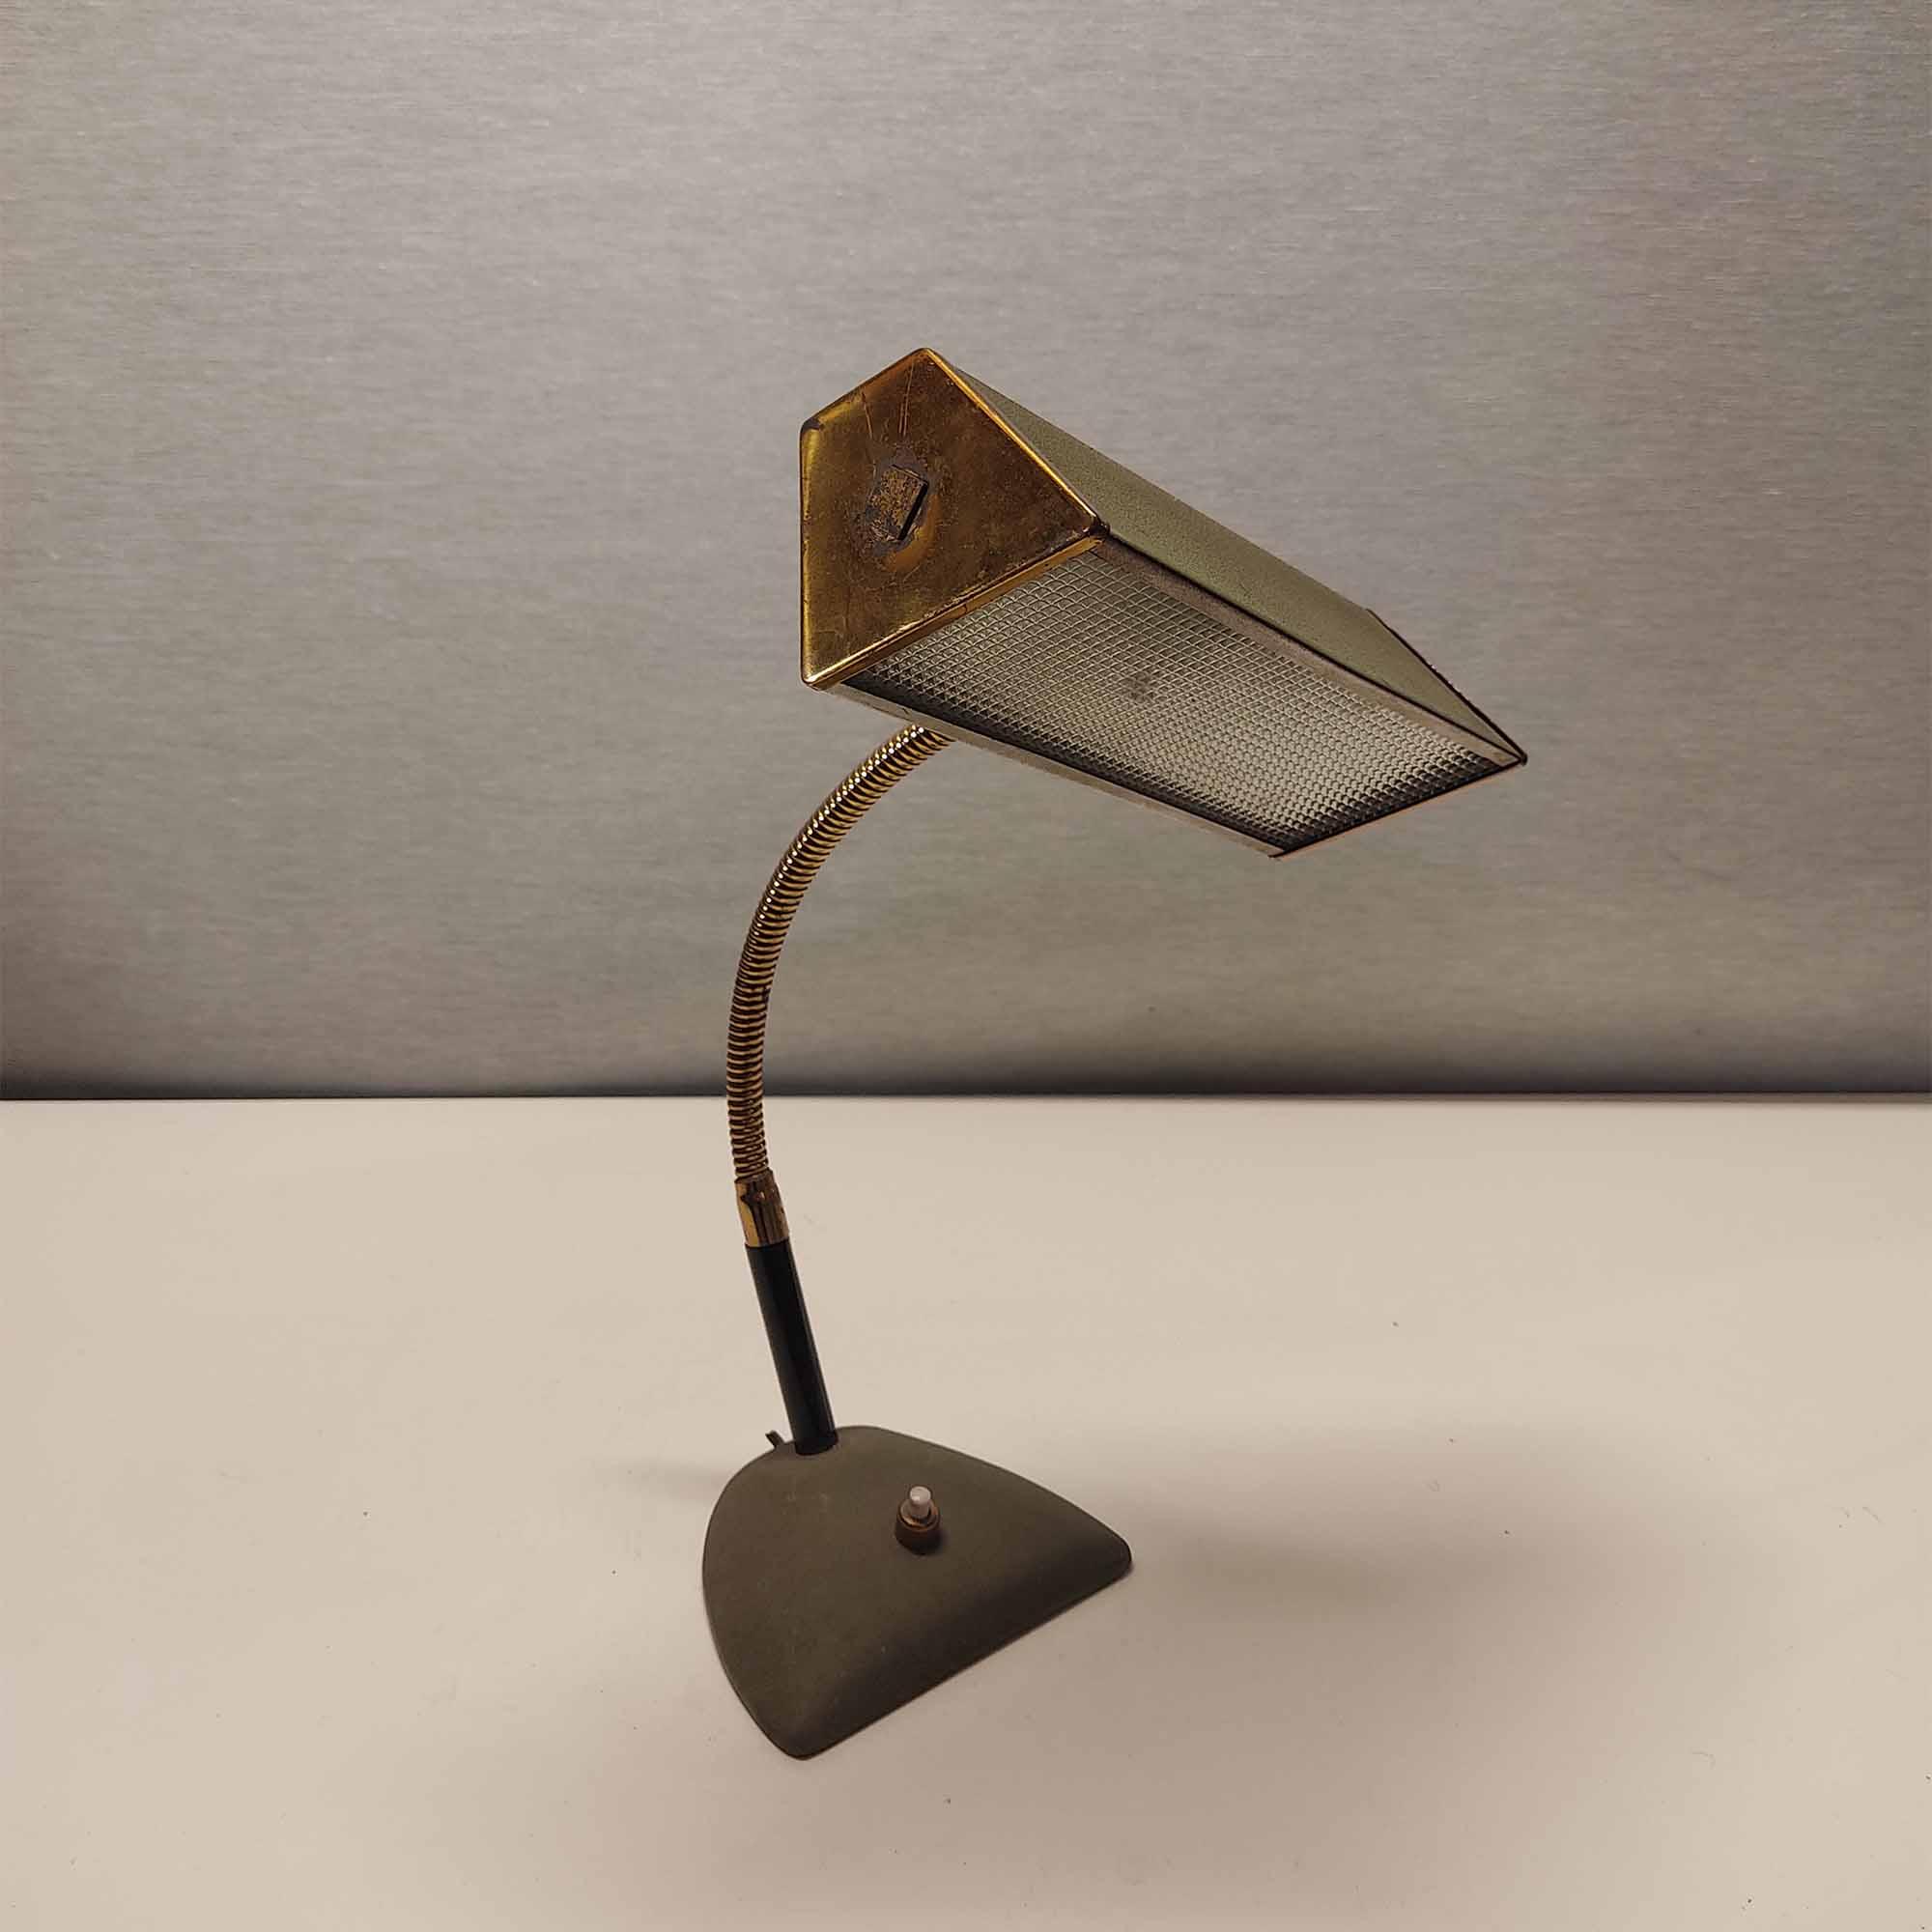 Lampada da scrivania in metallo verniciato ottone schermo in vetro anni '50